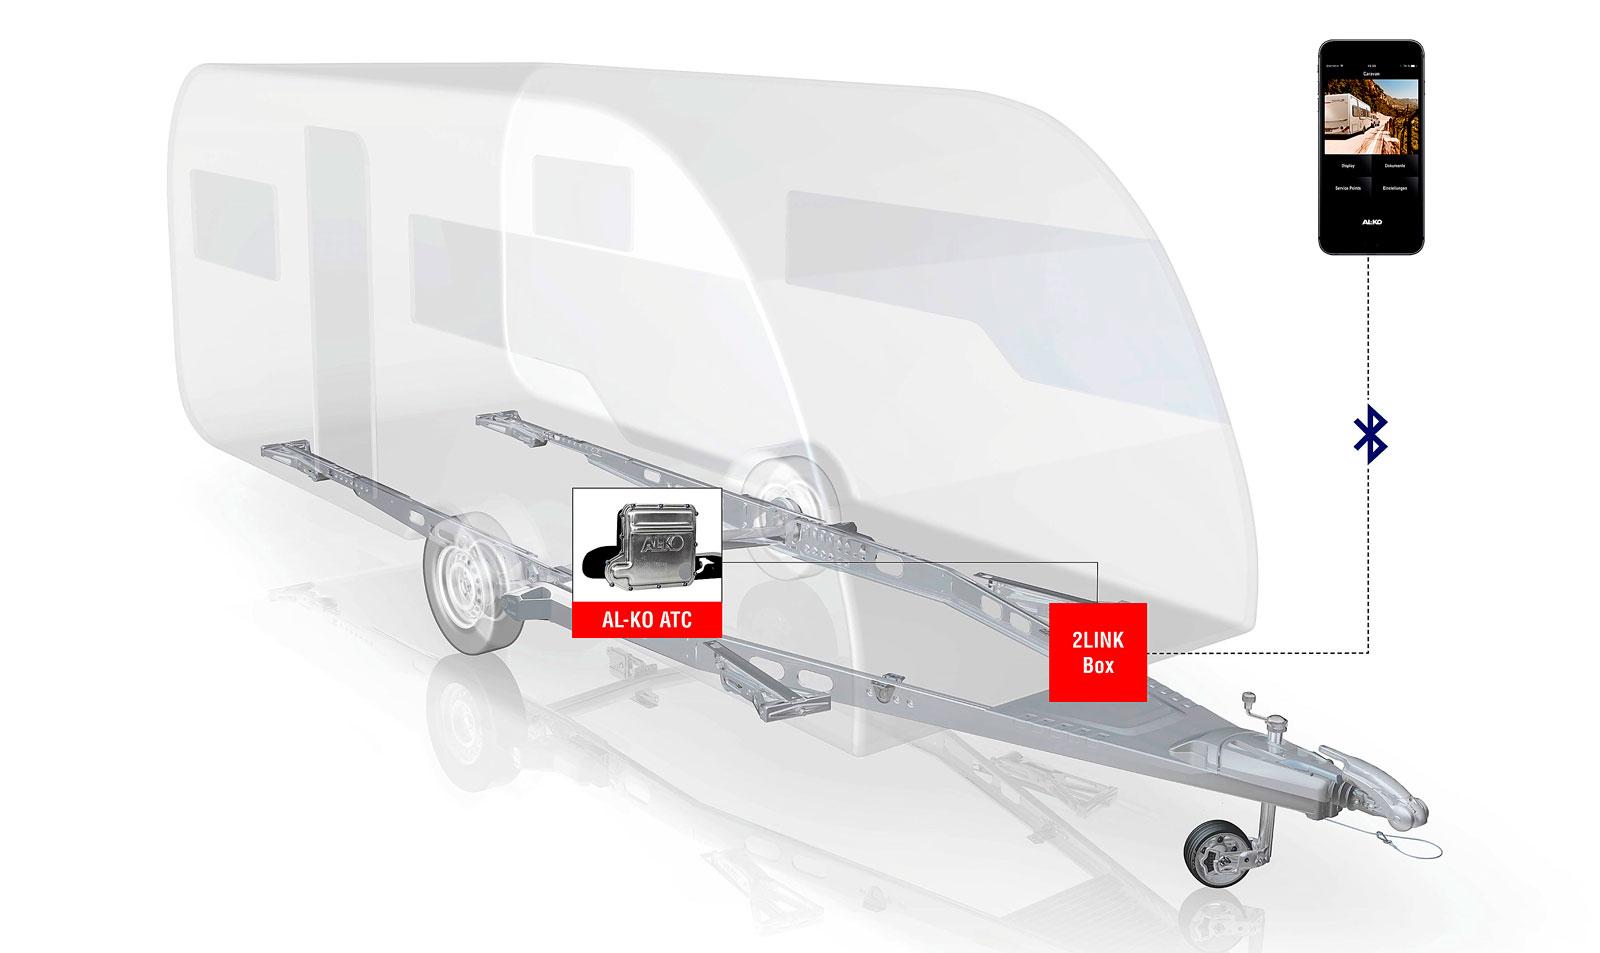 Nya systemet 2LINK skickar aktuell information om vagnens rörelser direkt till förarens telefon. Systemet går att montera på samtliga husvagnar som redan är utrustade med AL-KO Trailer Control (ATC).